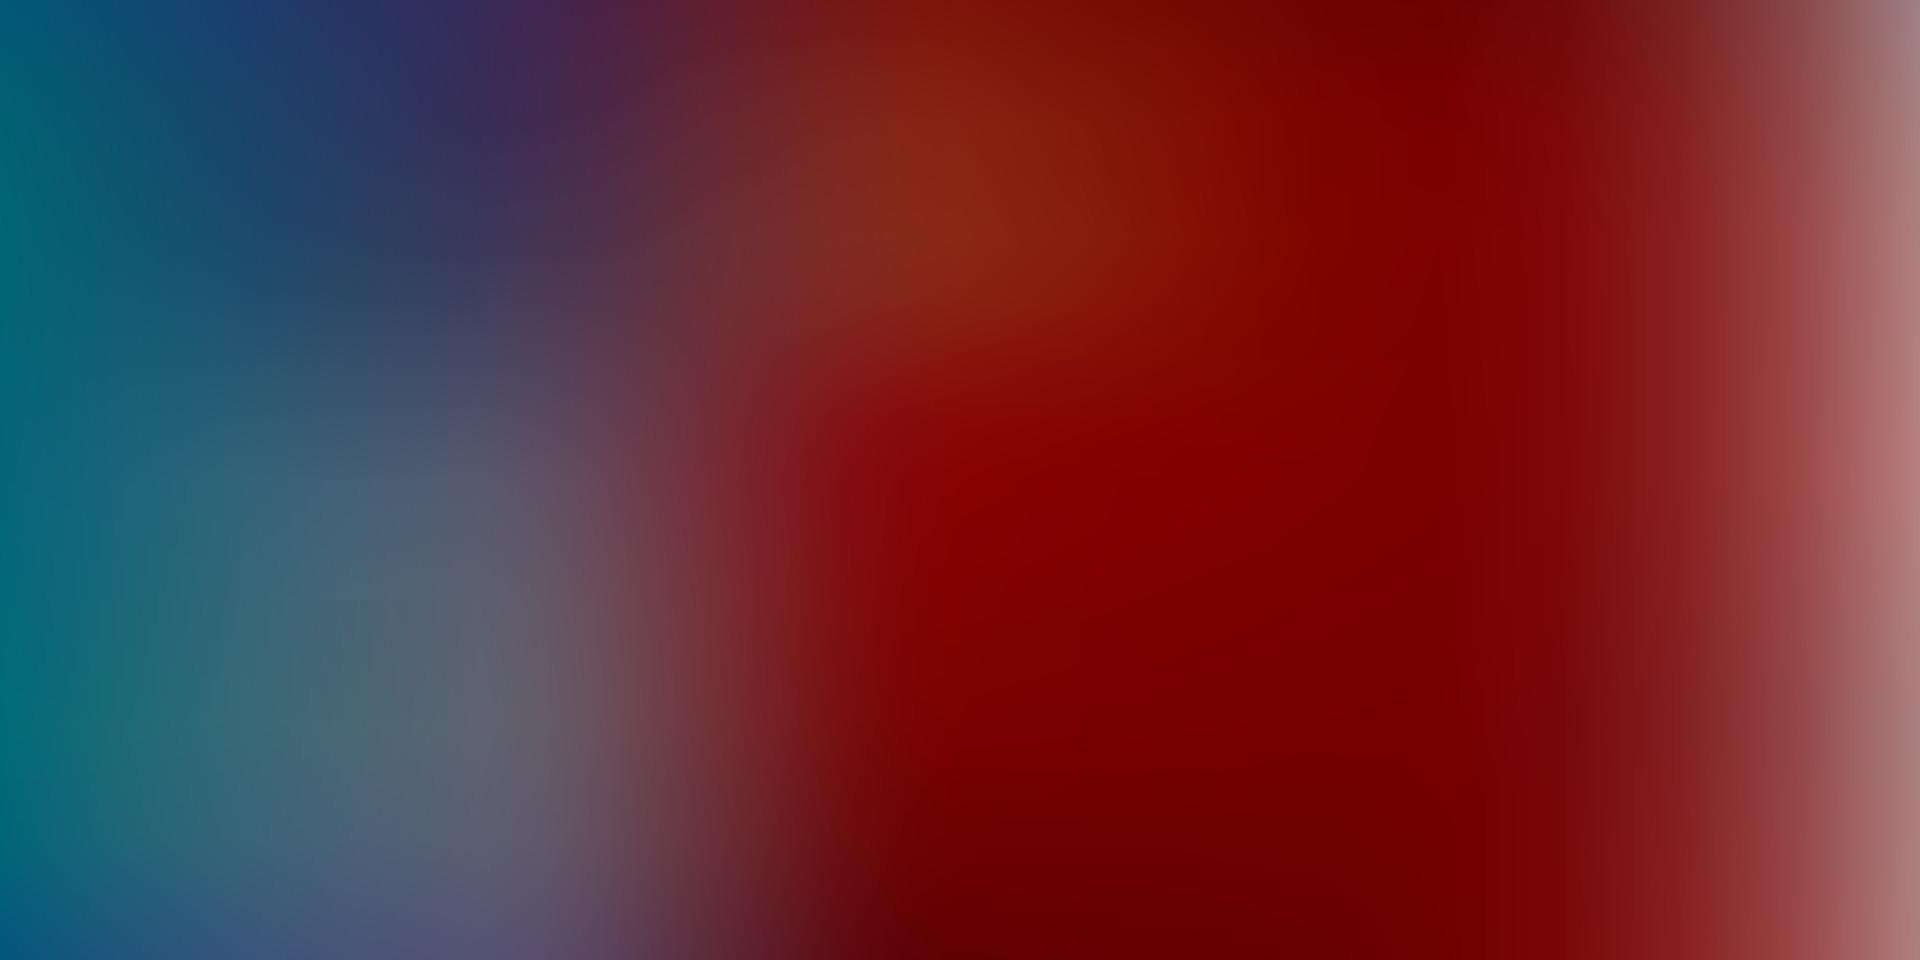 leichtes mehrfarbiges Vektorunschärfemuster. vektor